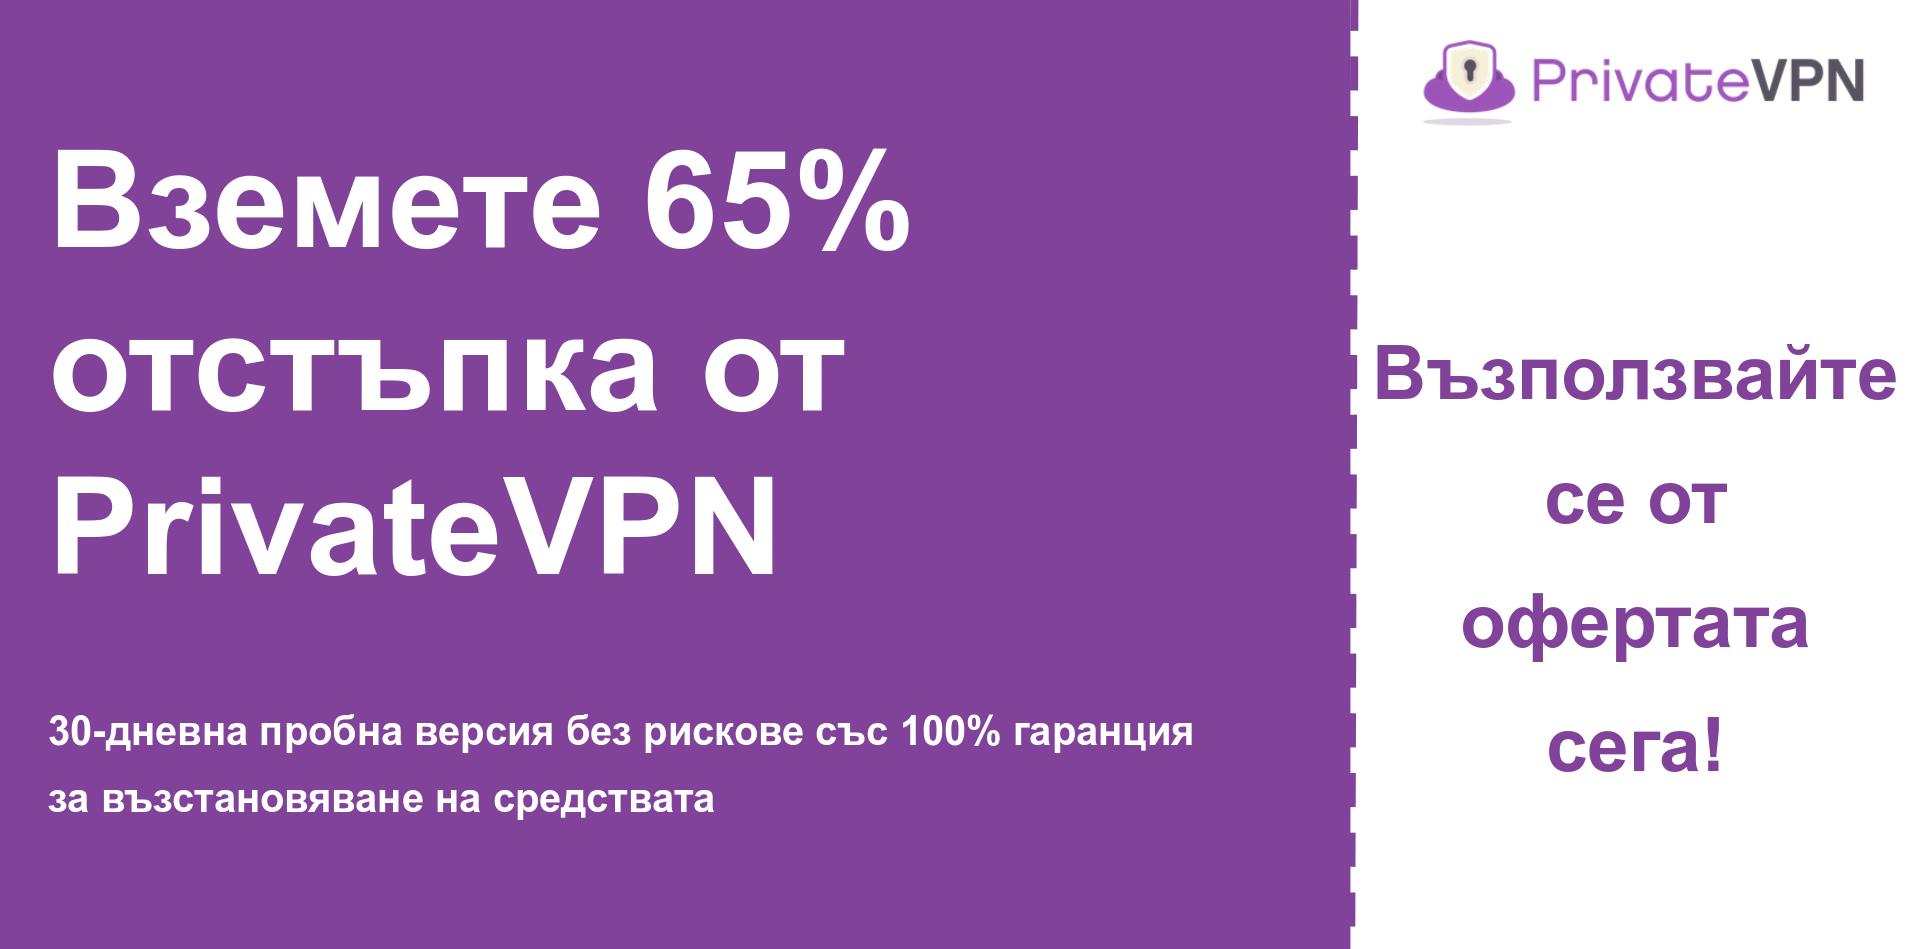 графика на банера на основния купон PrivateVPN, показващ 65% отстъпка